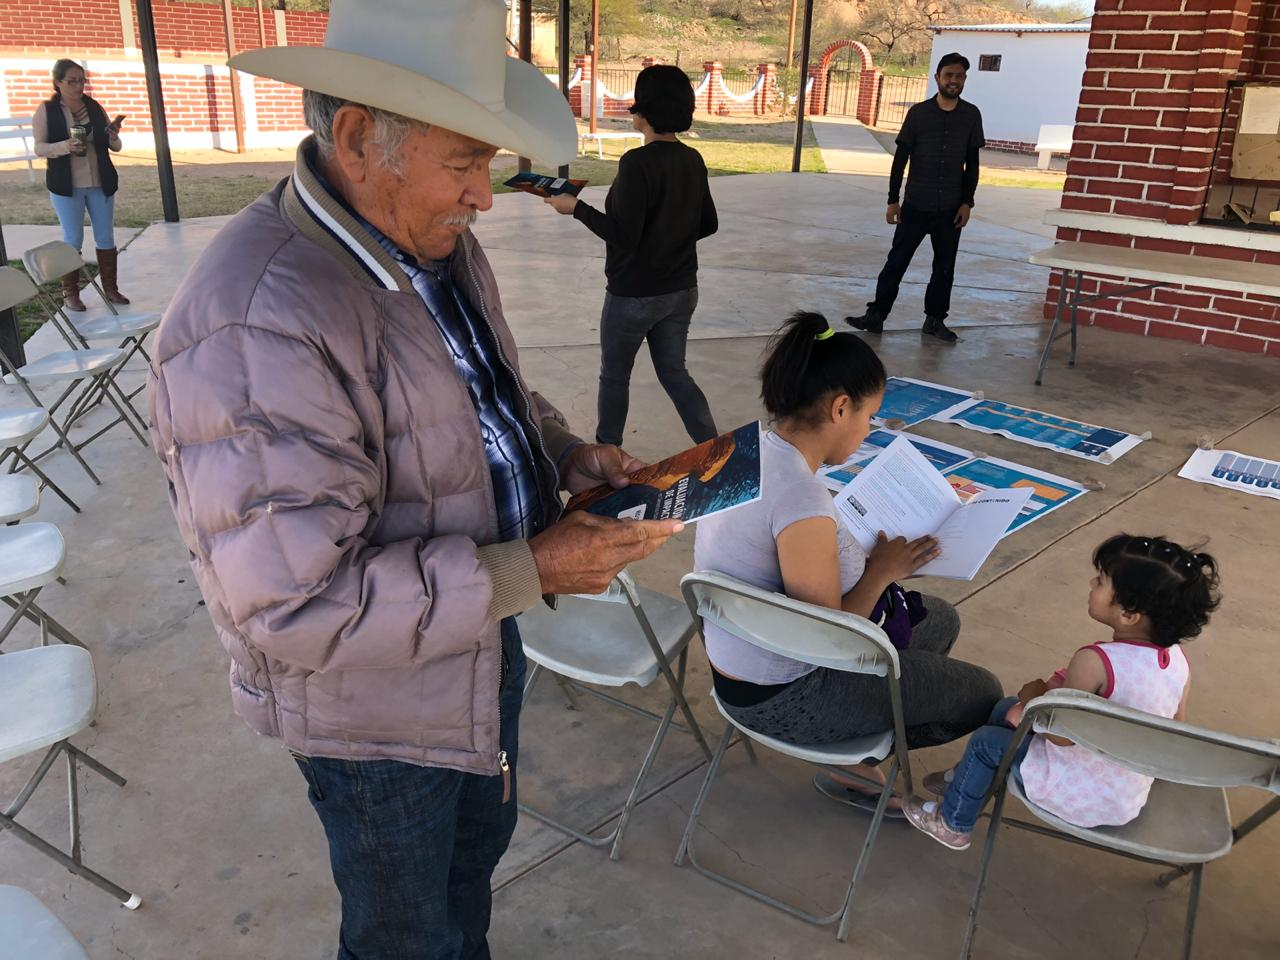 Las comunidades del Río Sonora reciben la publicación con los primeros resultados de la Evaluación de Impacto en Derechos Humanos, en la que participaron activamente.